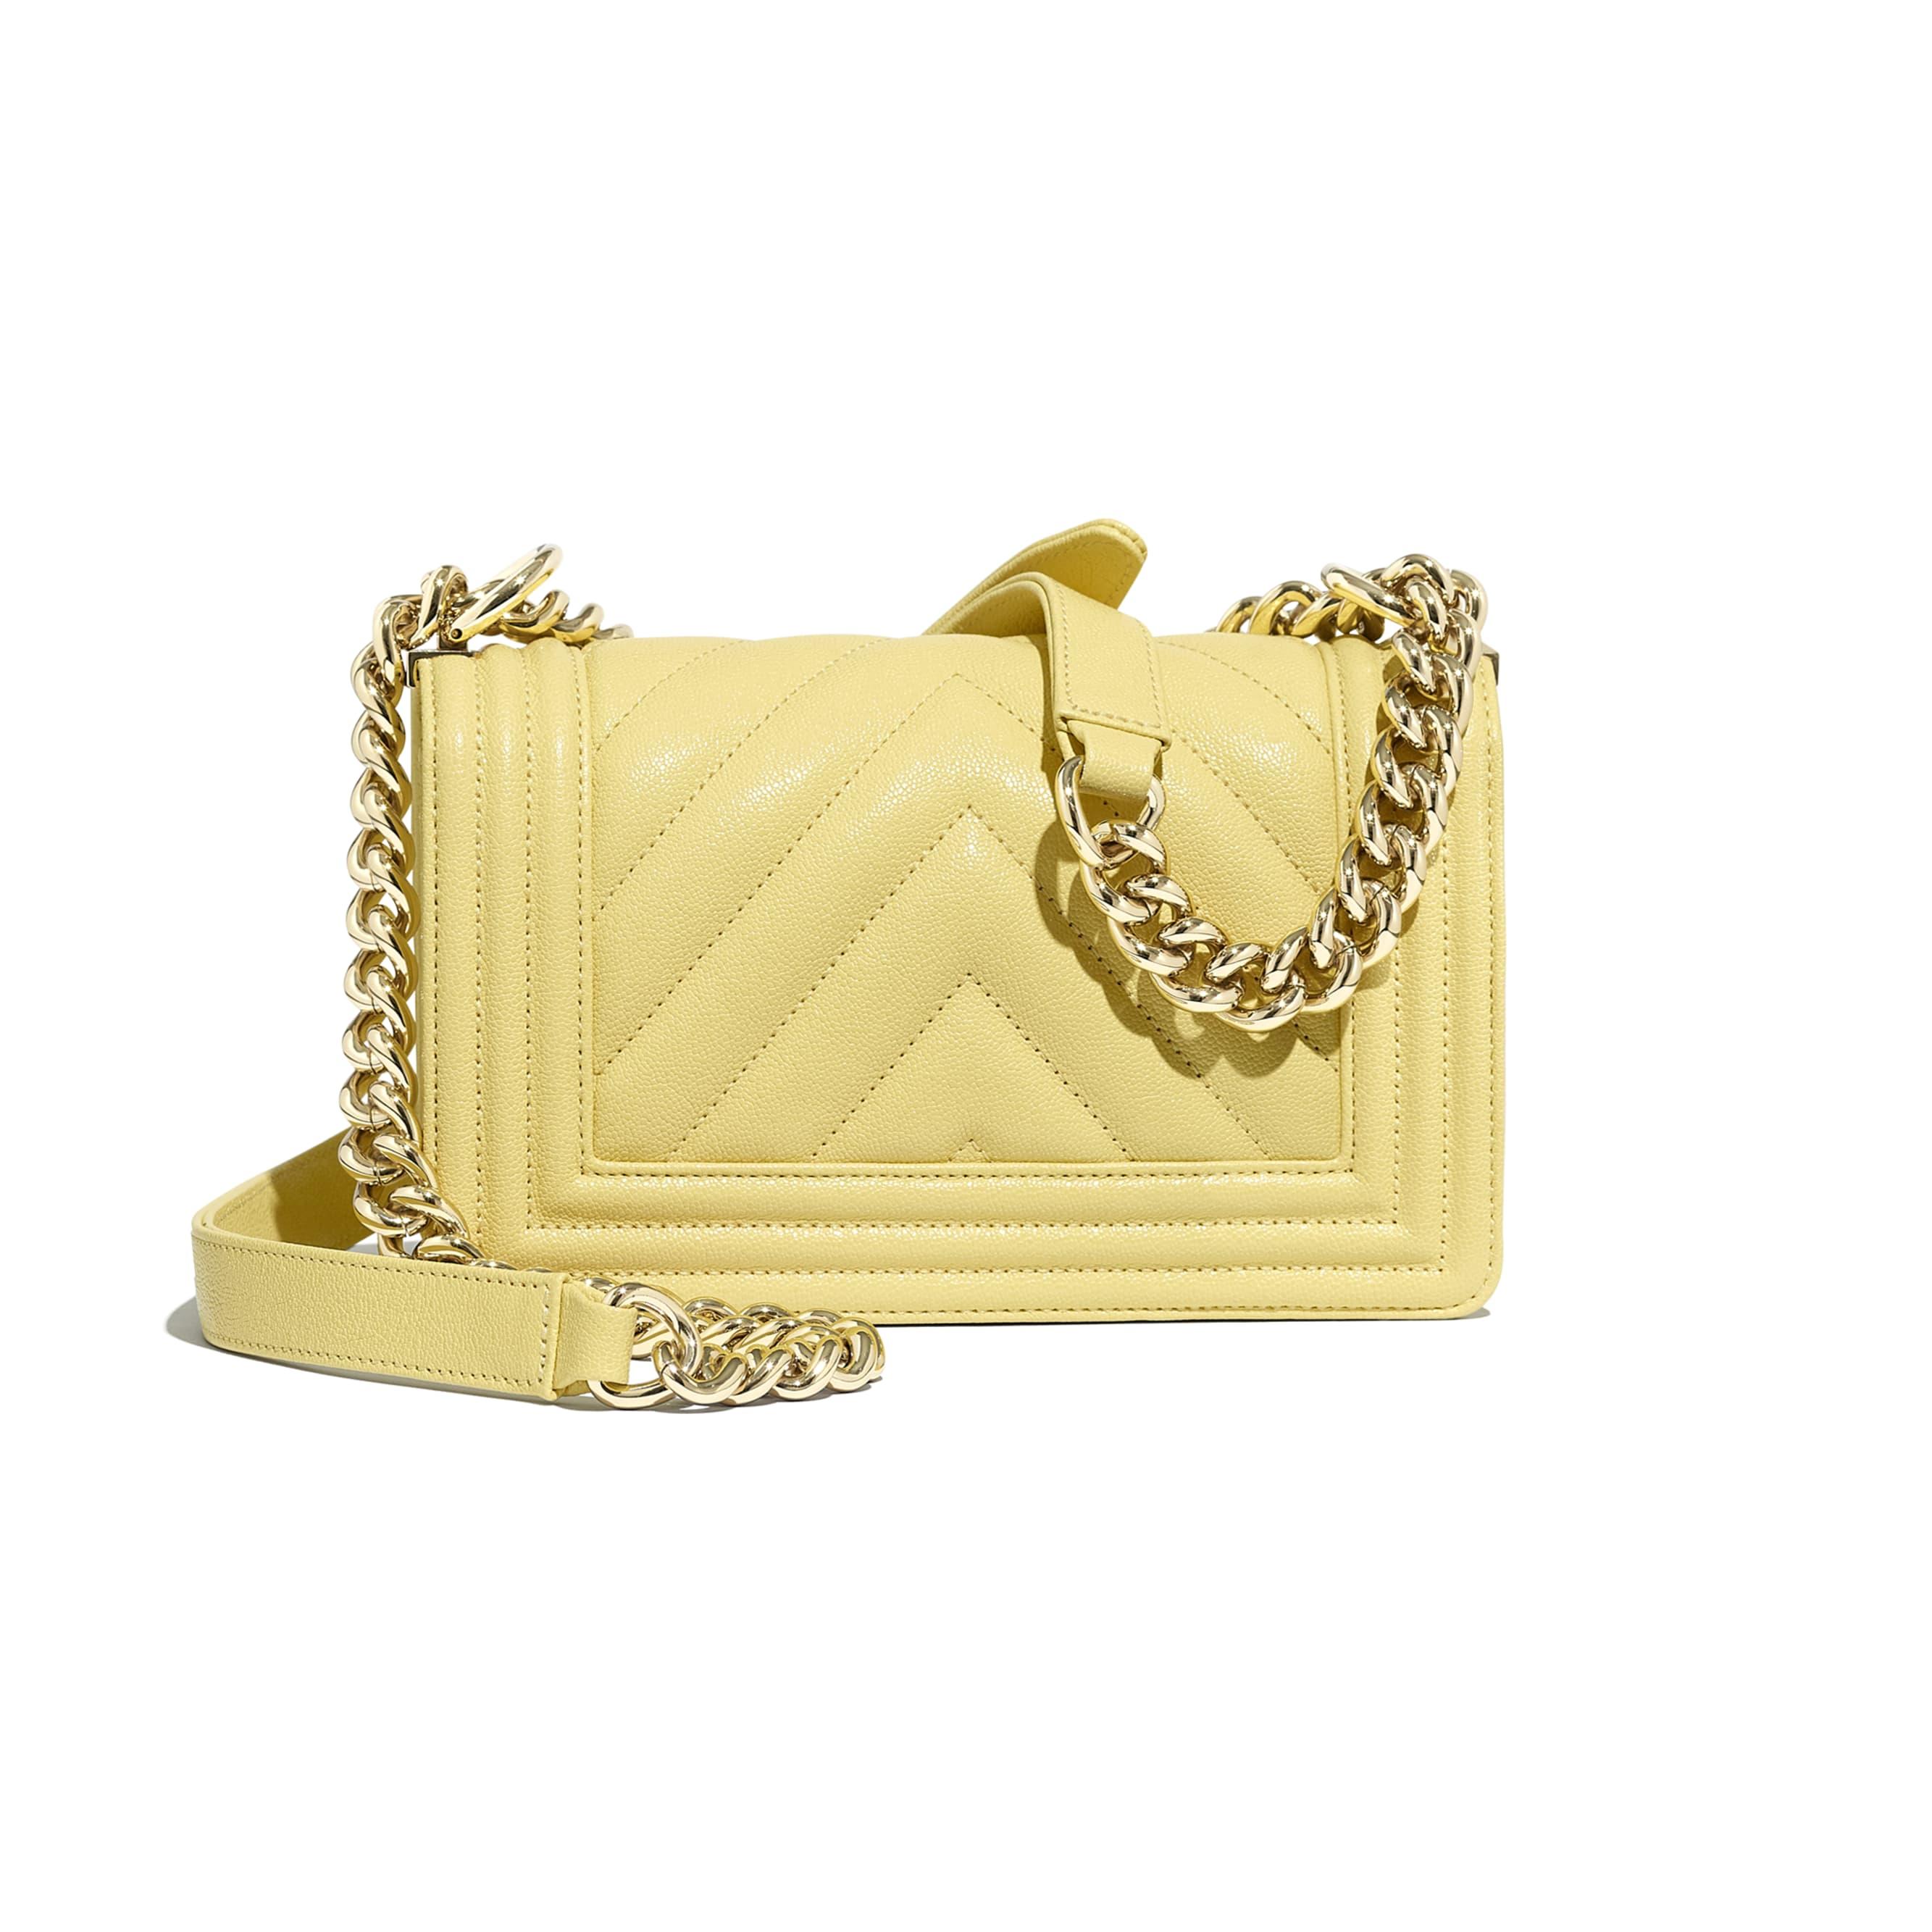 Kleine Tasche BOY CHANEL - Gelb - Genarbtes Kalbsleder & goldfarbenes Metall - CHANEL - Alternative Ansicht - Standardgröße anzeigen